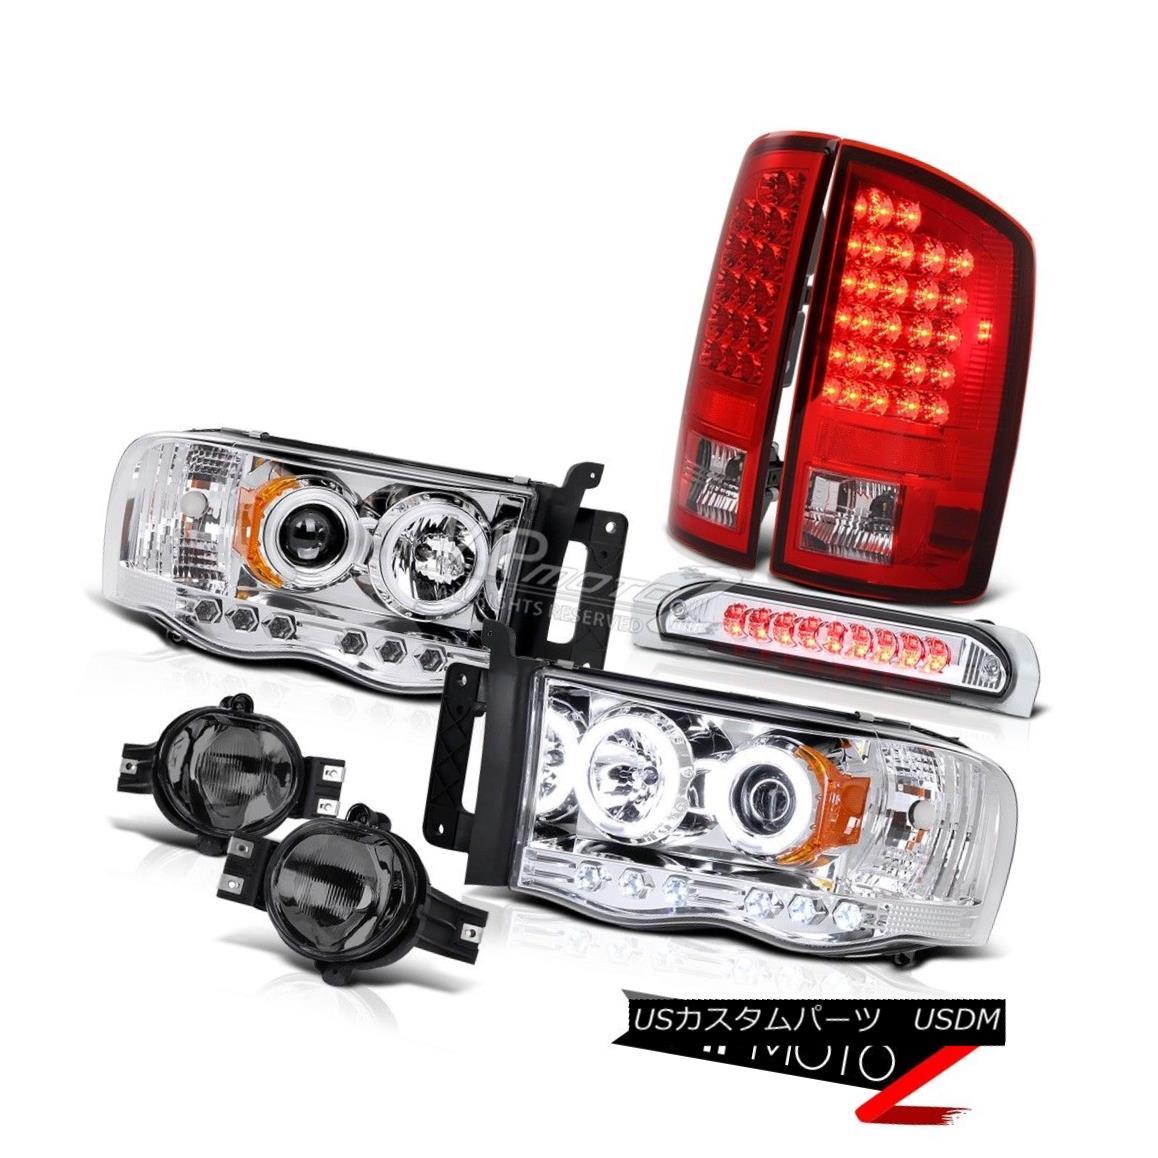 ヘッドライト AWESOME Error Free LED Taillight+Fog+Third Brake+Dual Halo Projector Head Lamps 素晴らしいエラーフリーLEDテールライト+フォグ+ 第3ブレーキ+デュアルヘイロープロジェクターヘッドランプ